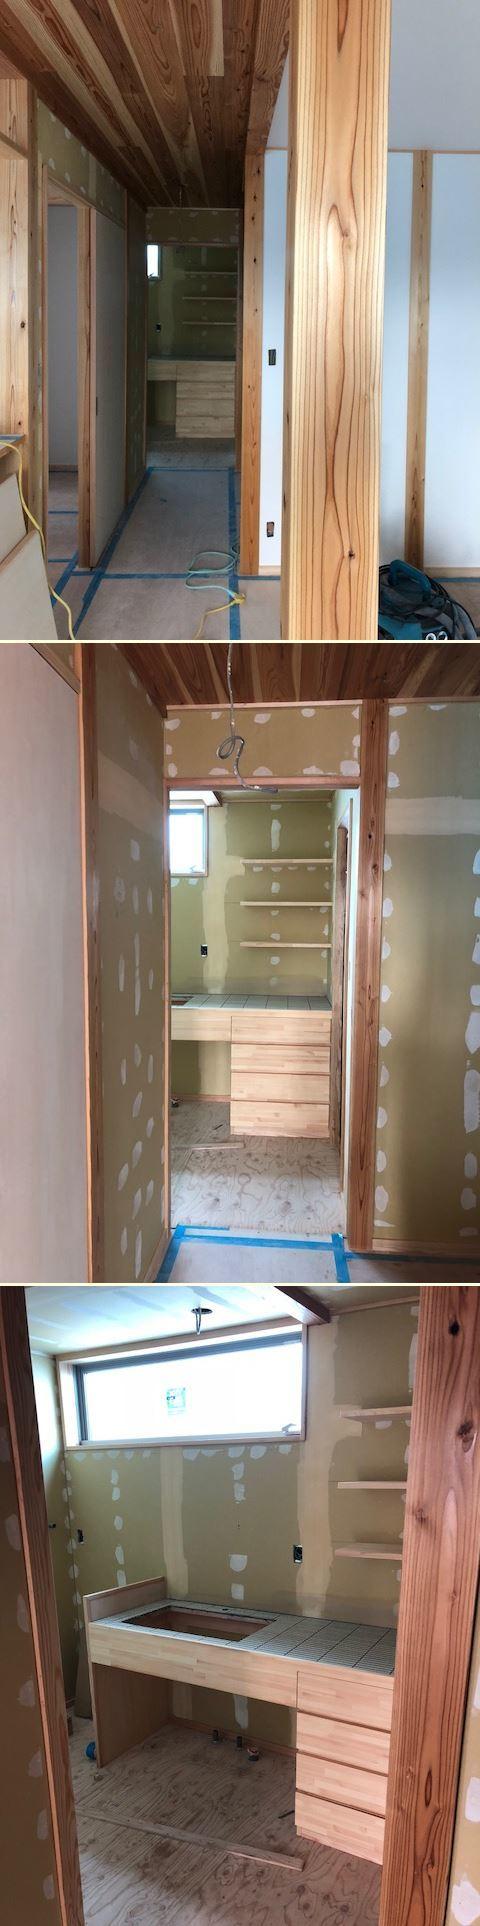 厚木市妻田の家☆建具工事が始まっていました_c0152341_15165765.jpg